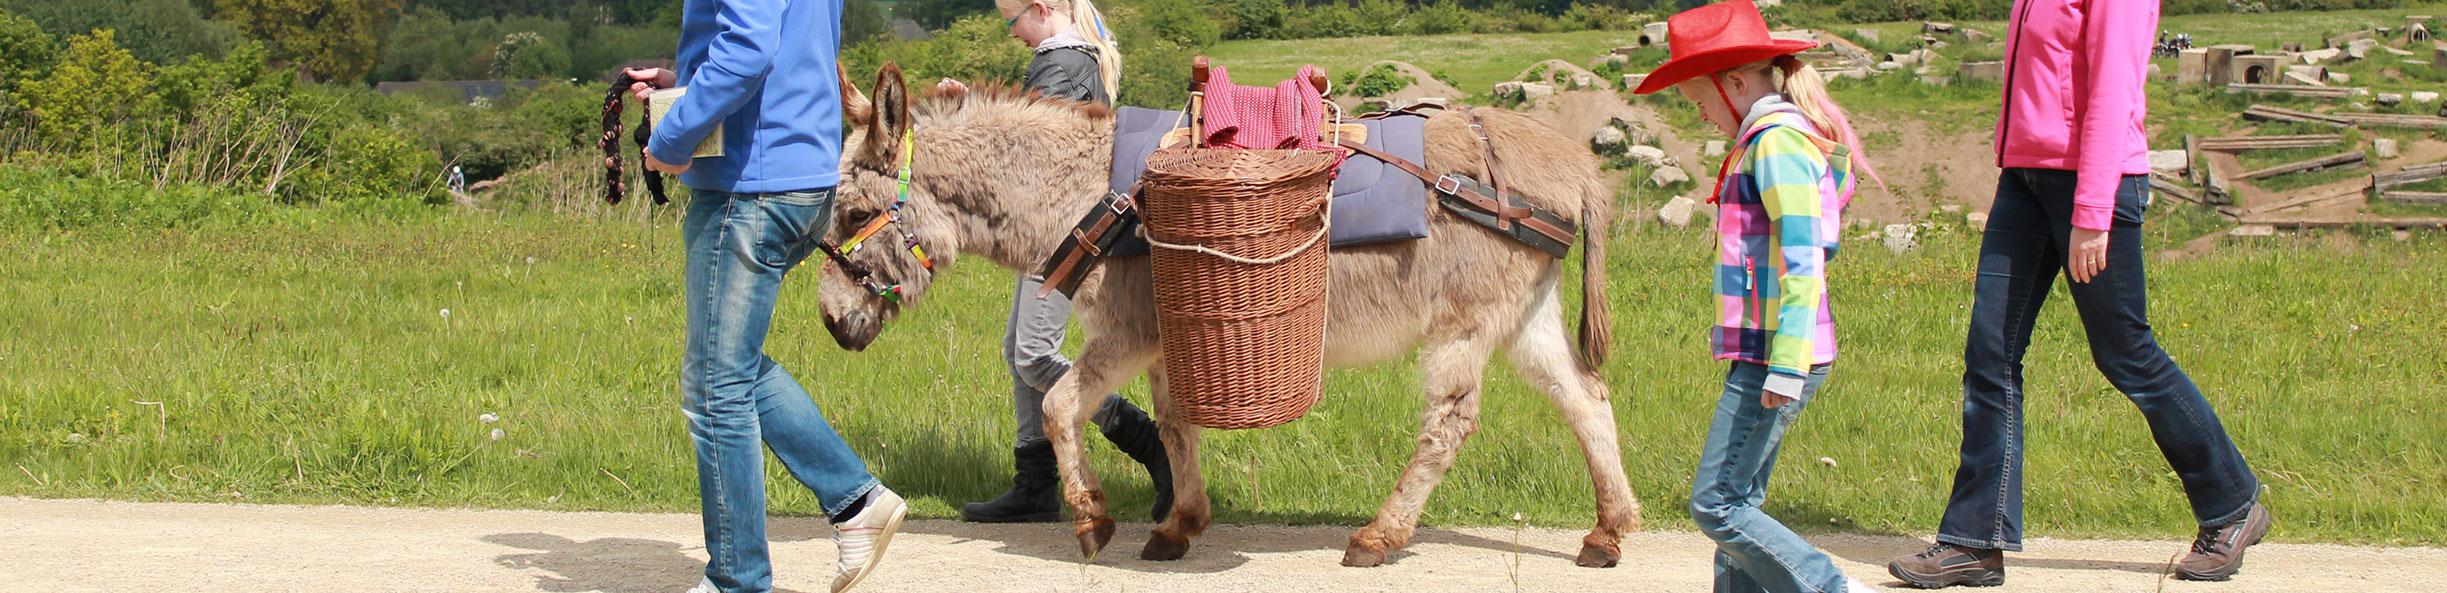 http://www.ezels.nl/uploads/images/header/ezel-wandeltochten.jpg